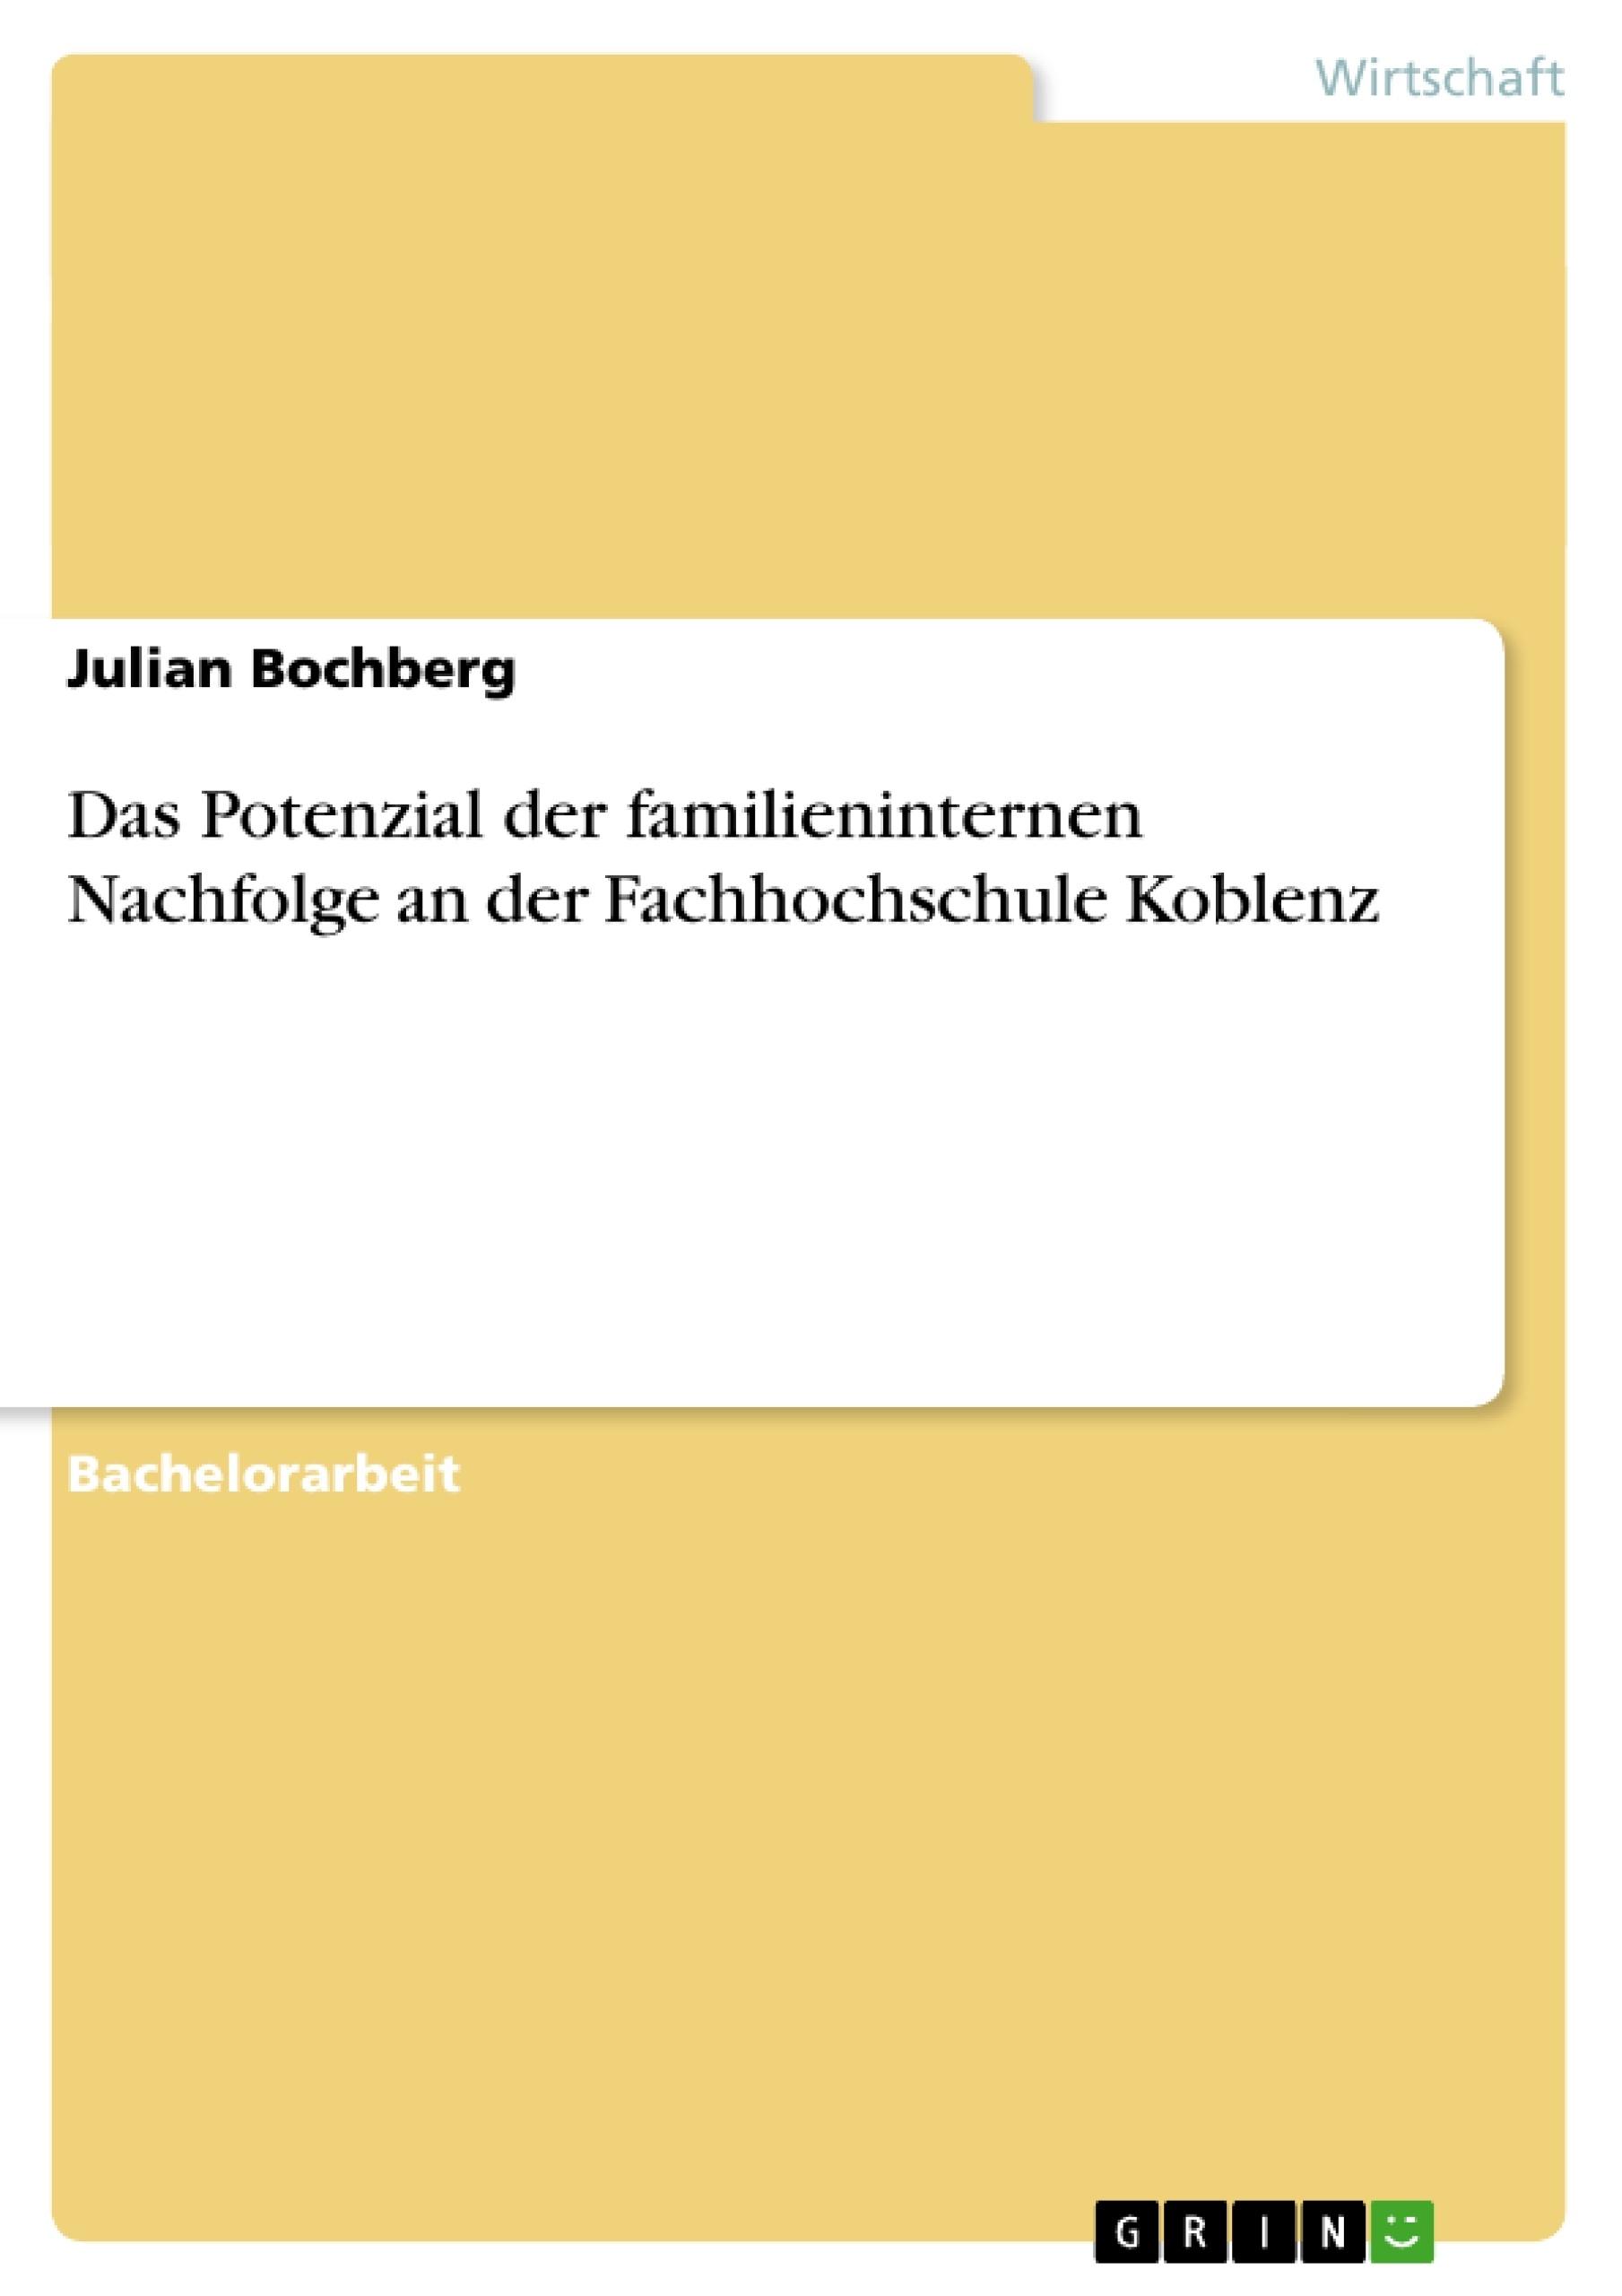 Titel: Das Potenzial der familieninternen Nachfolge an der Fachhochschule Koblenz